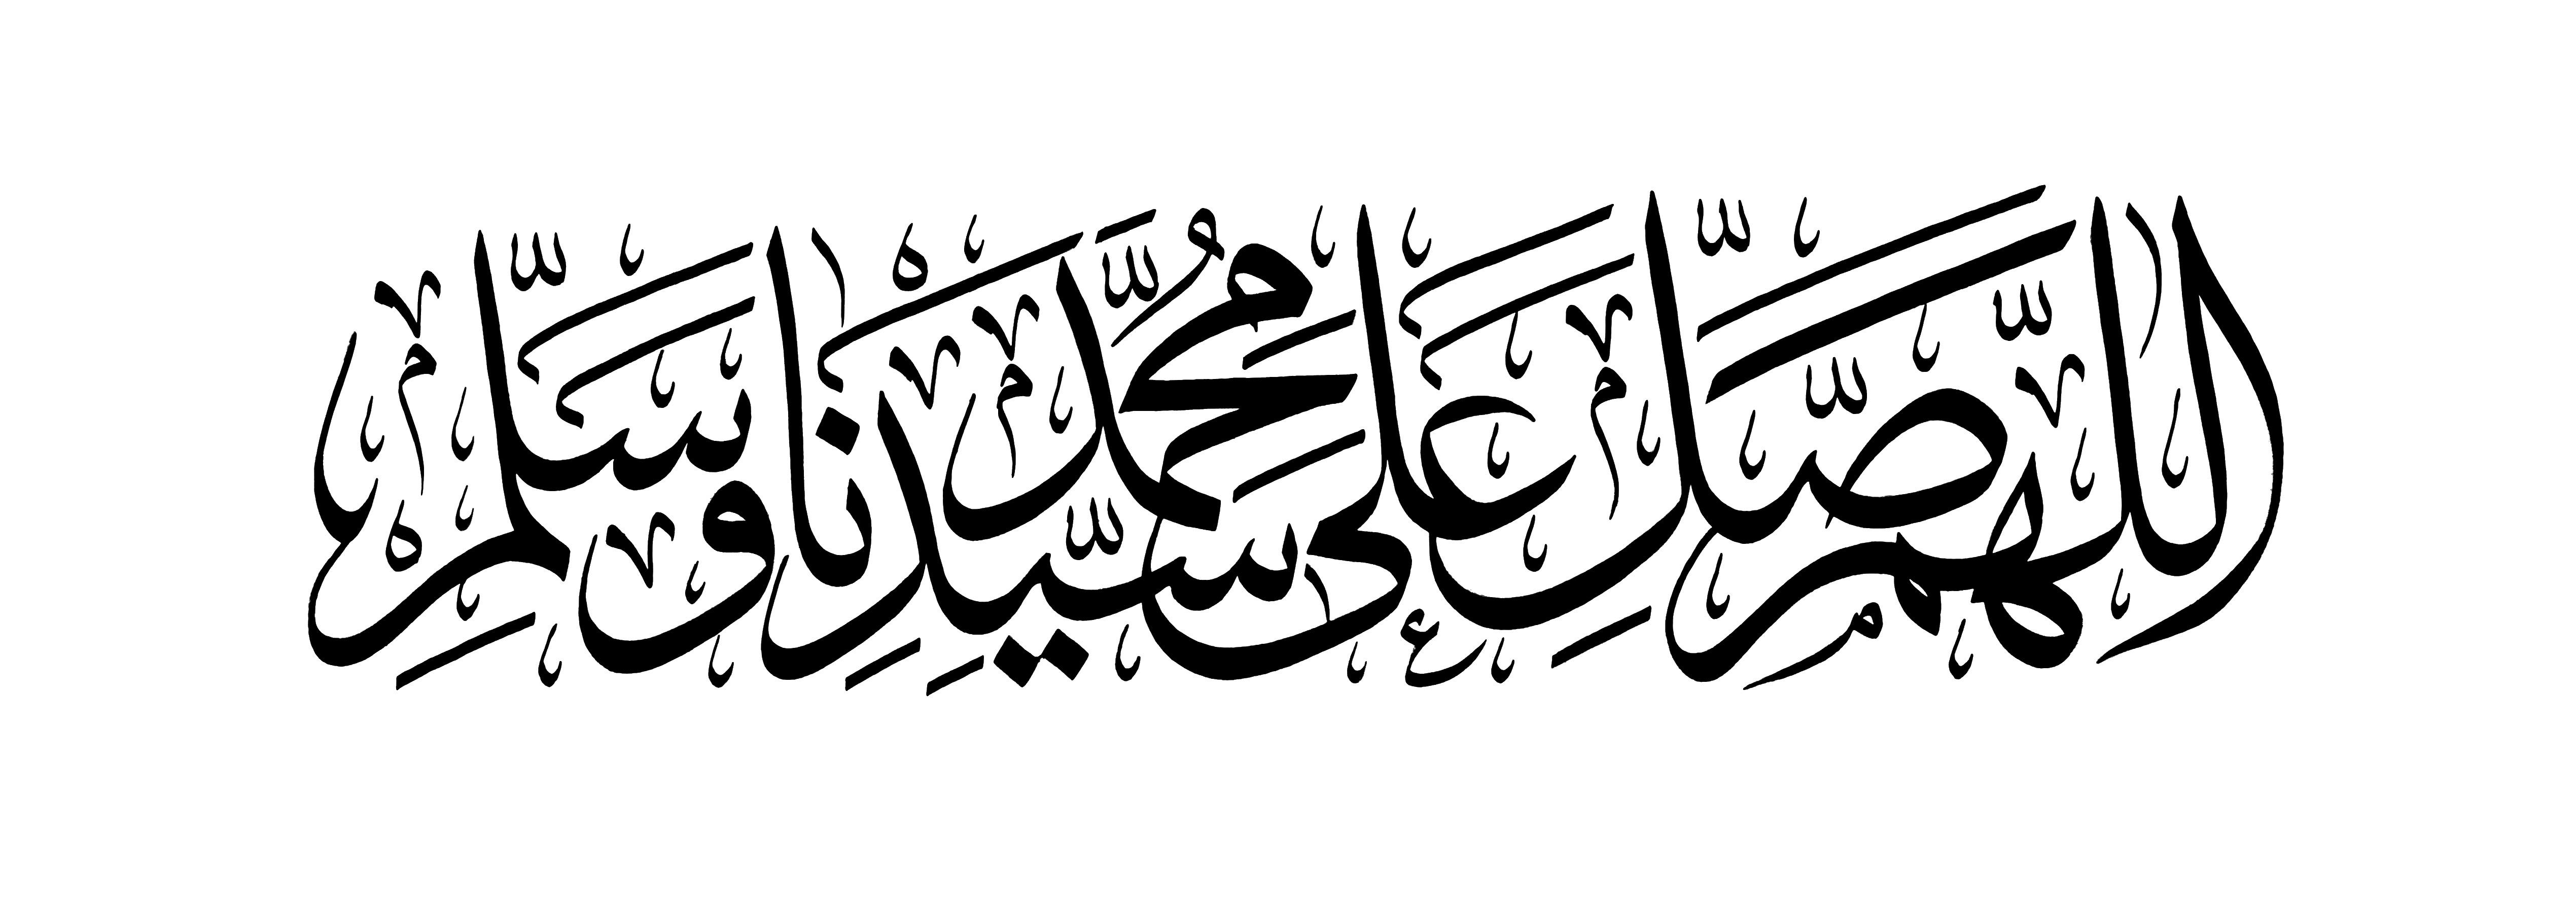 اللهم ص ل على نبينا محمد